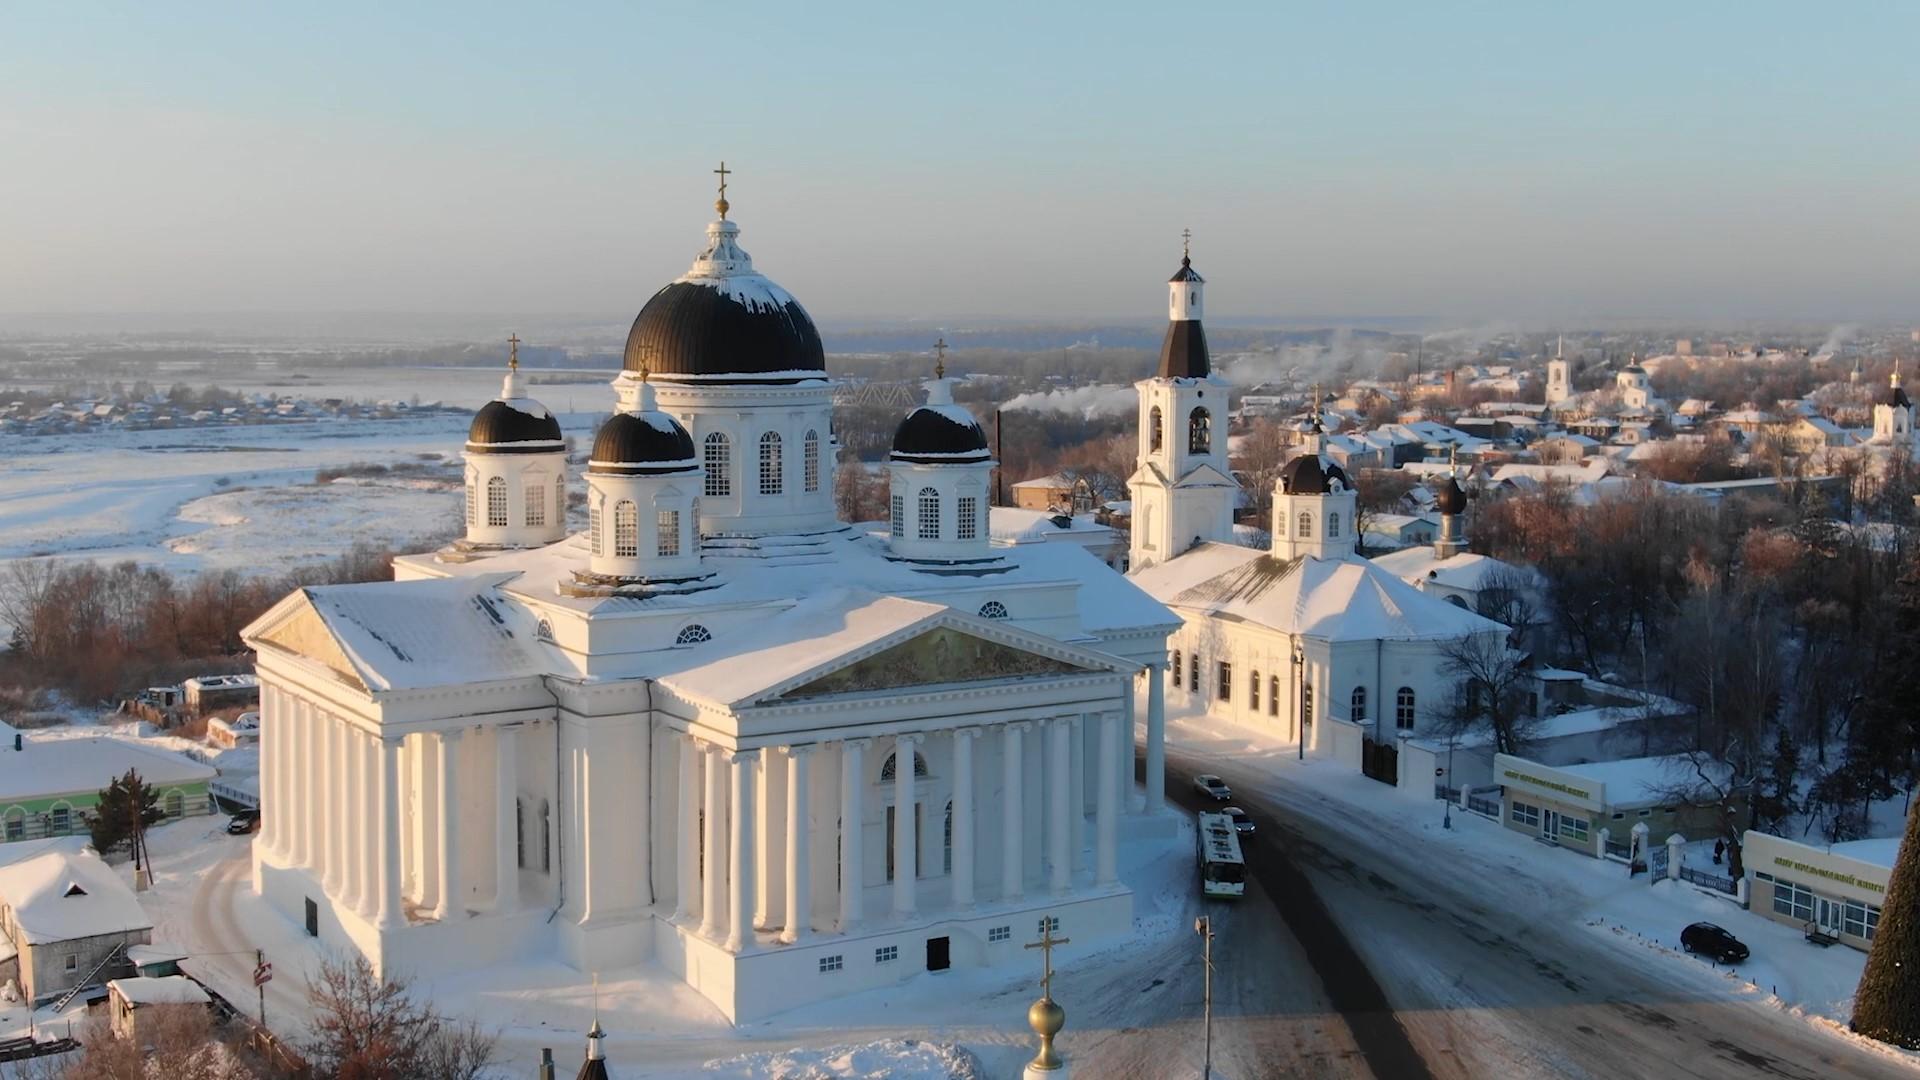 Делегация правительства Сахалинской области 13 февраля посетит Арзамас